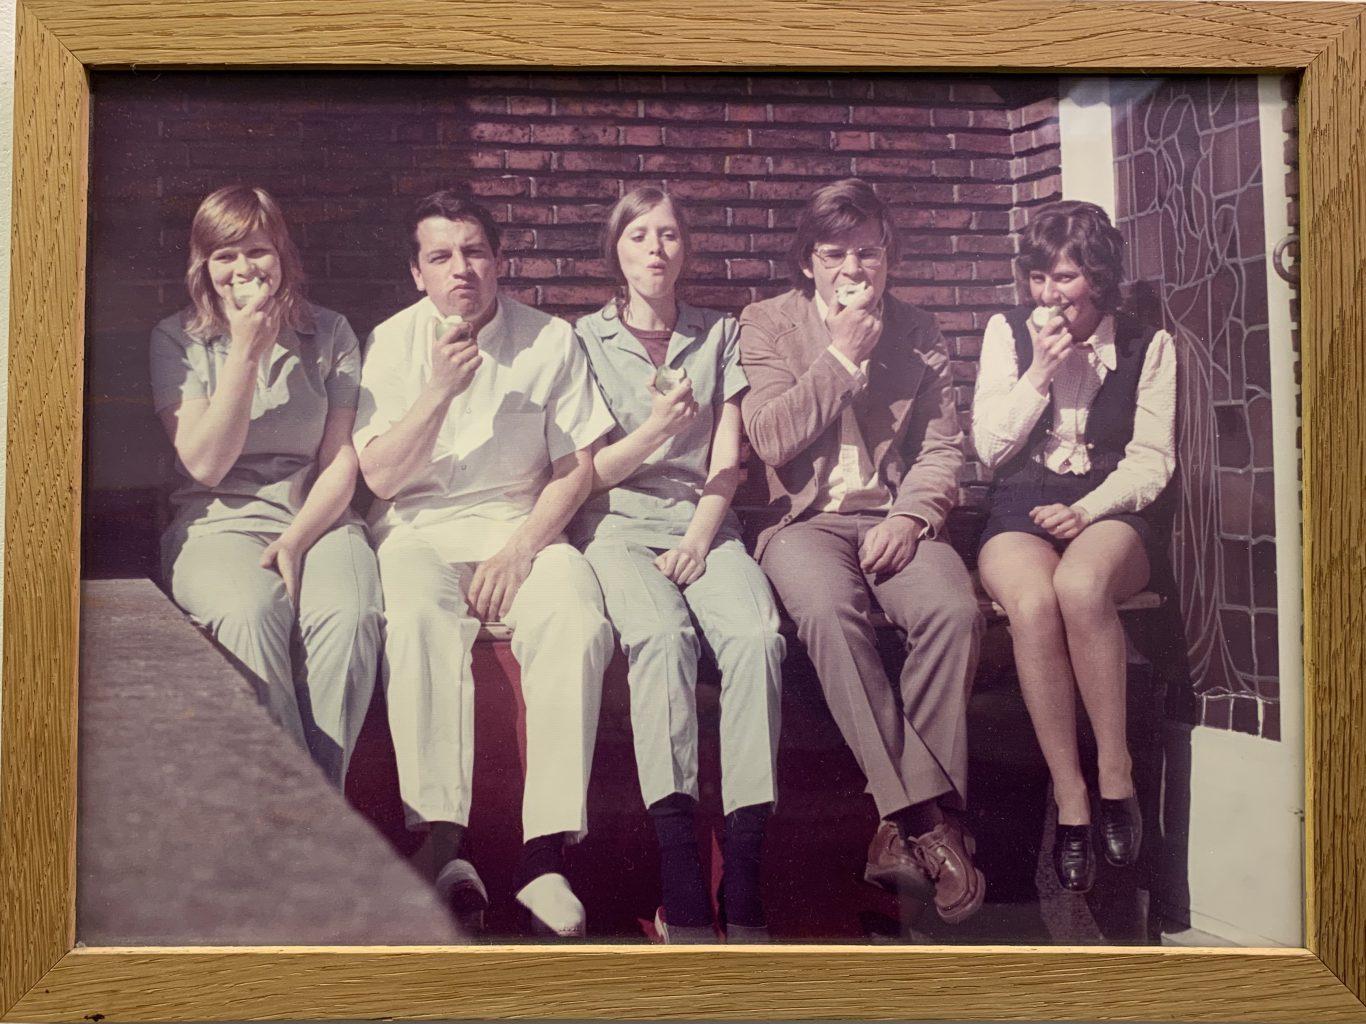 Teamfoto Steutel & De Groot met elk een assistente en samen een receptioniste.